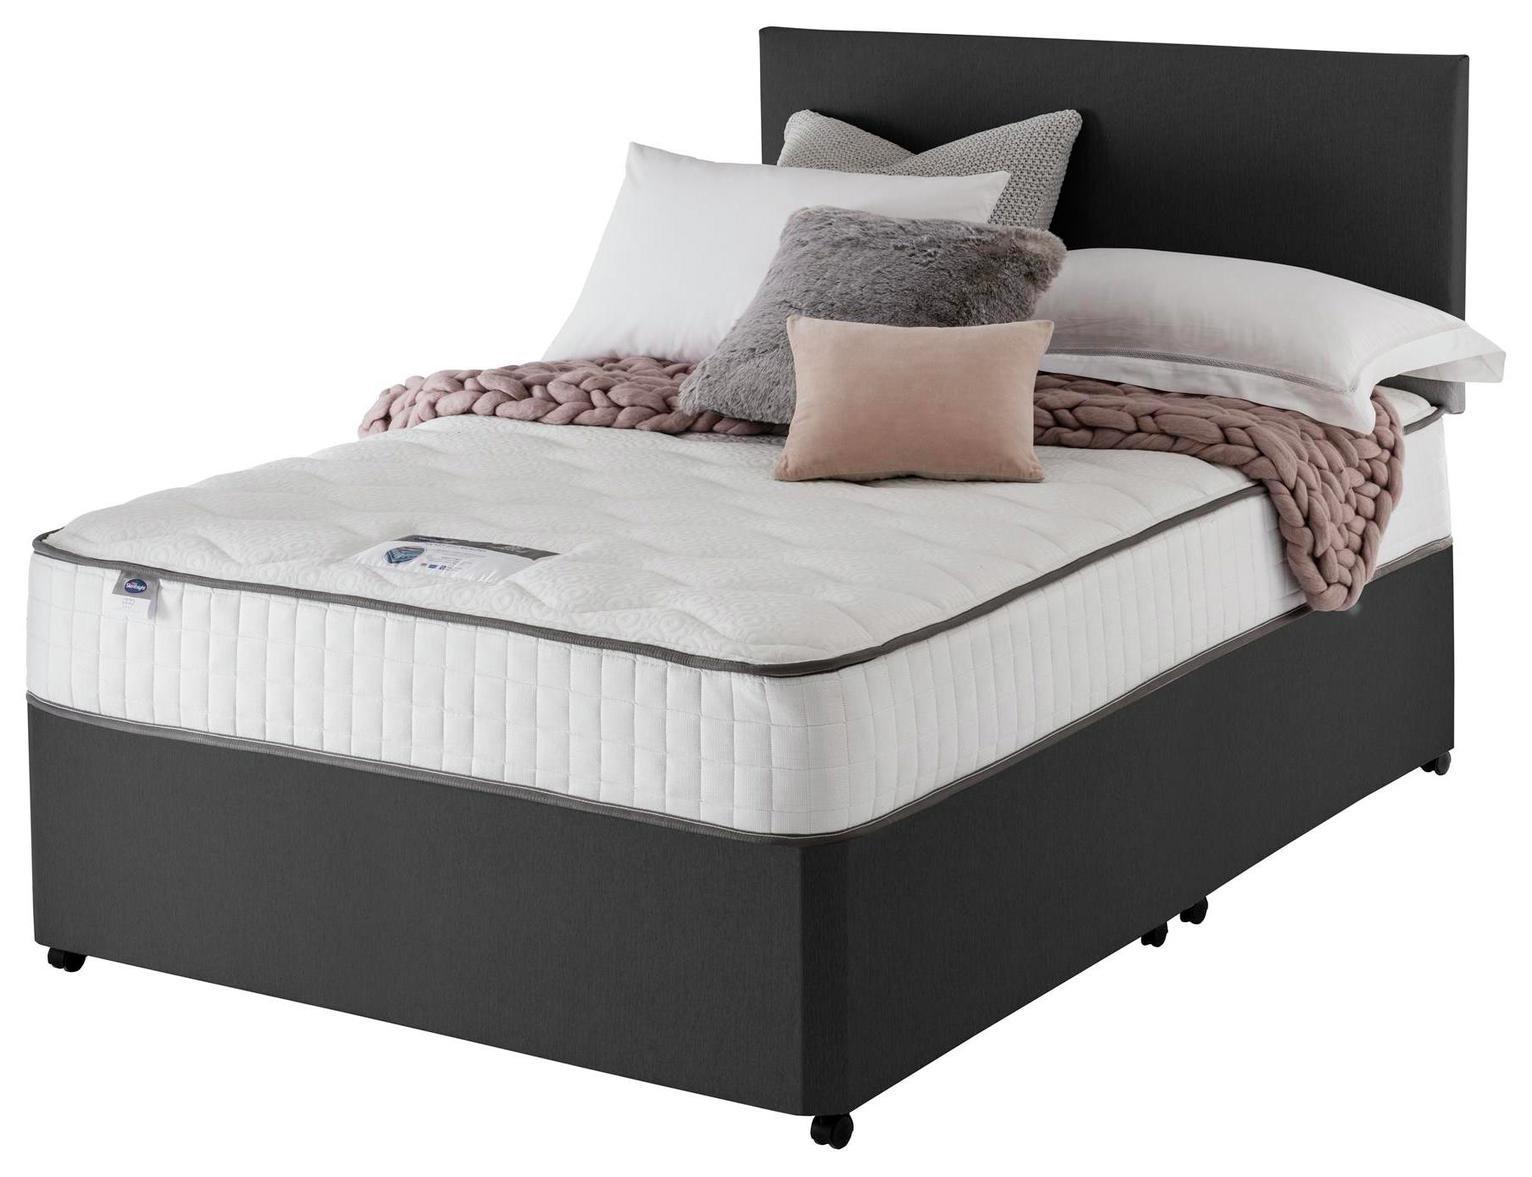 Silentnight Middleton Pocket Memory Divan Bed - Superking